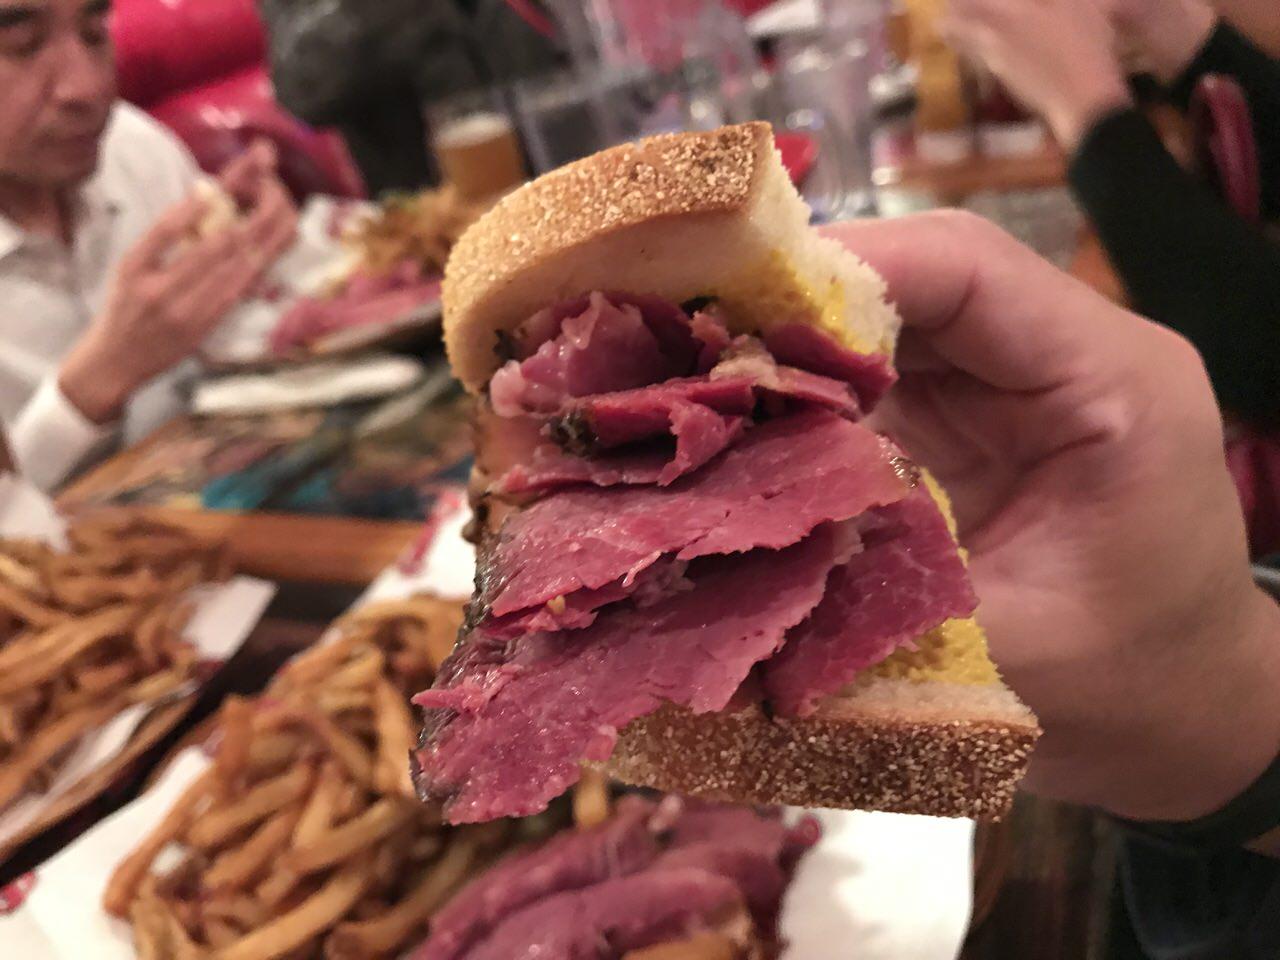 「スモークミート」モントリオールで食べる激旨サンドイッチ #GoMedia2016